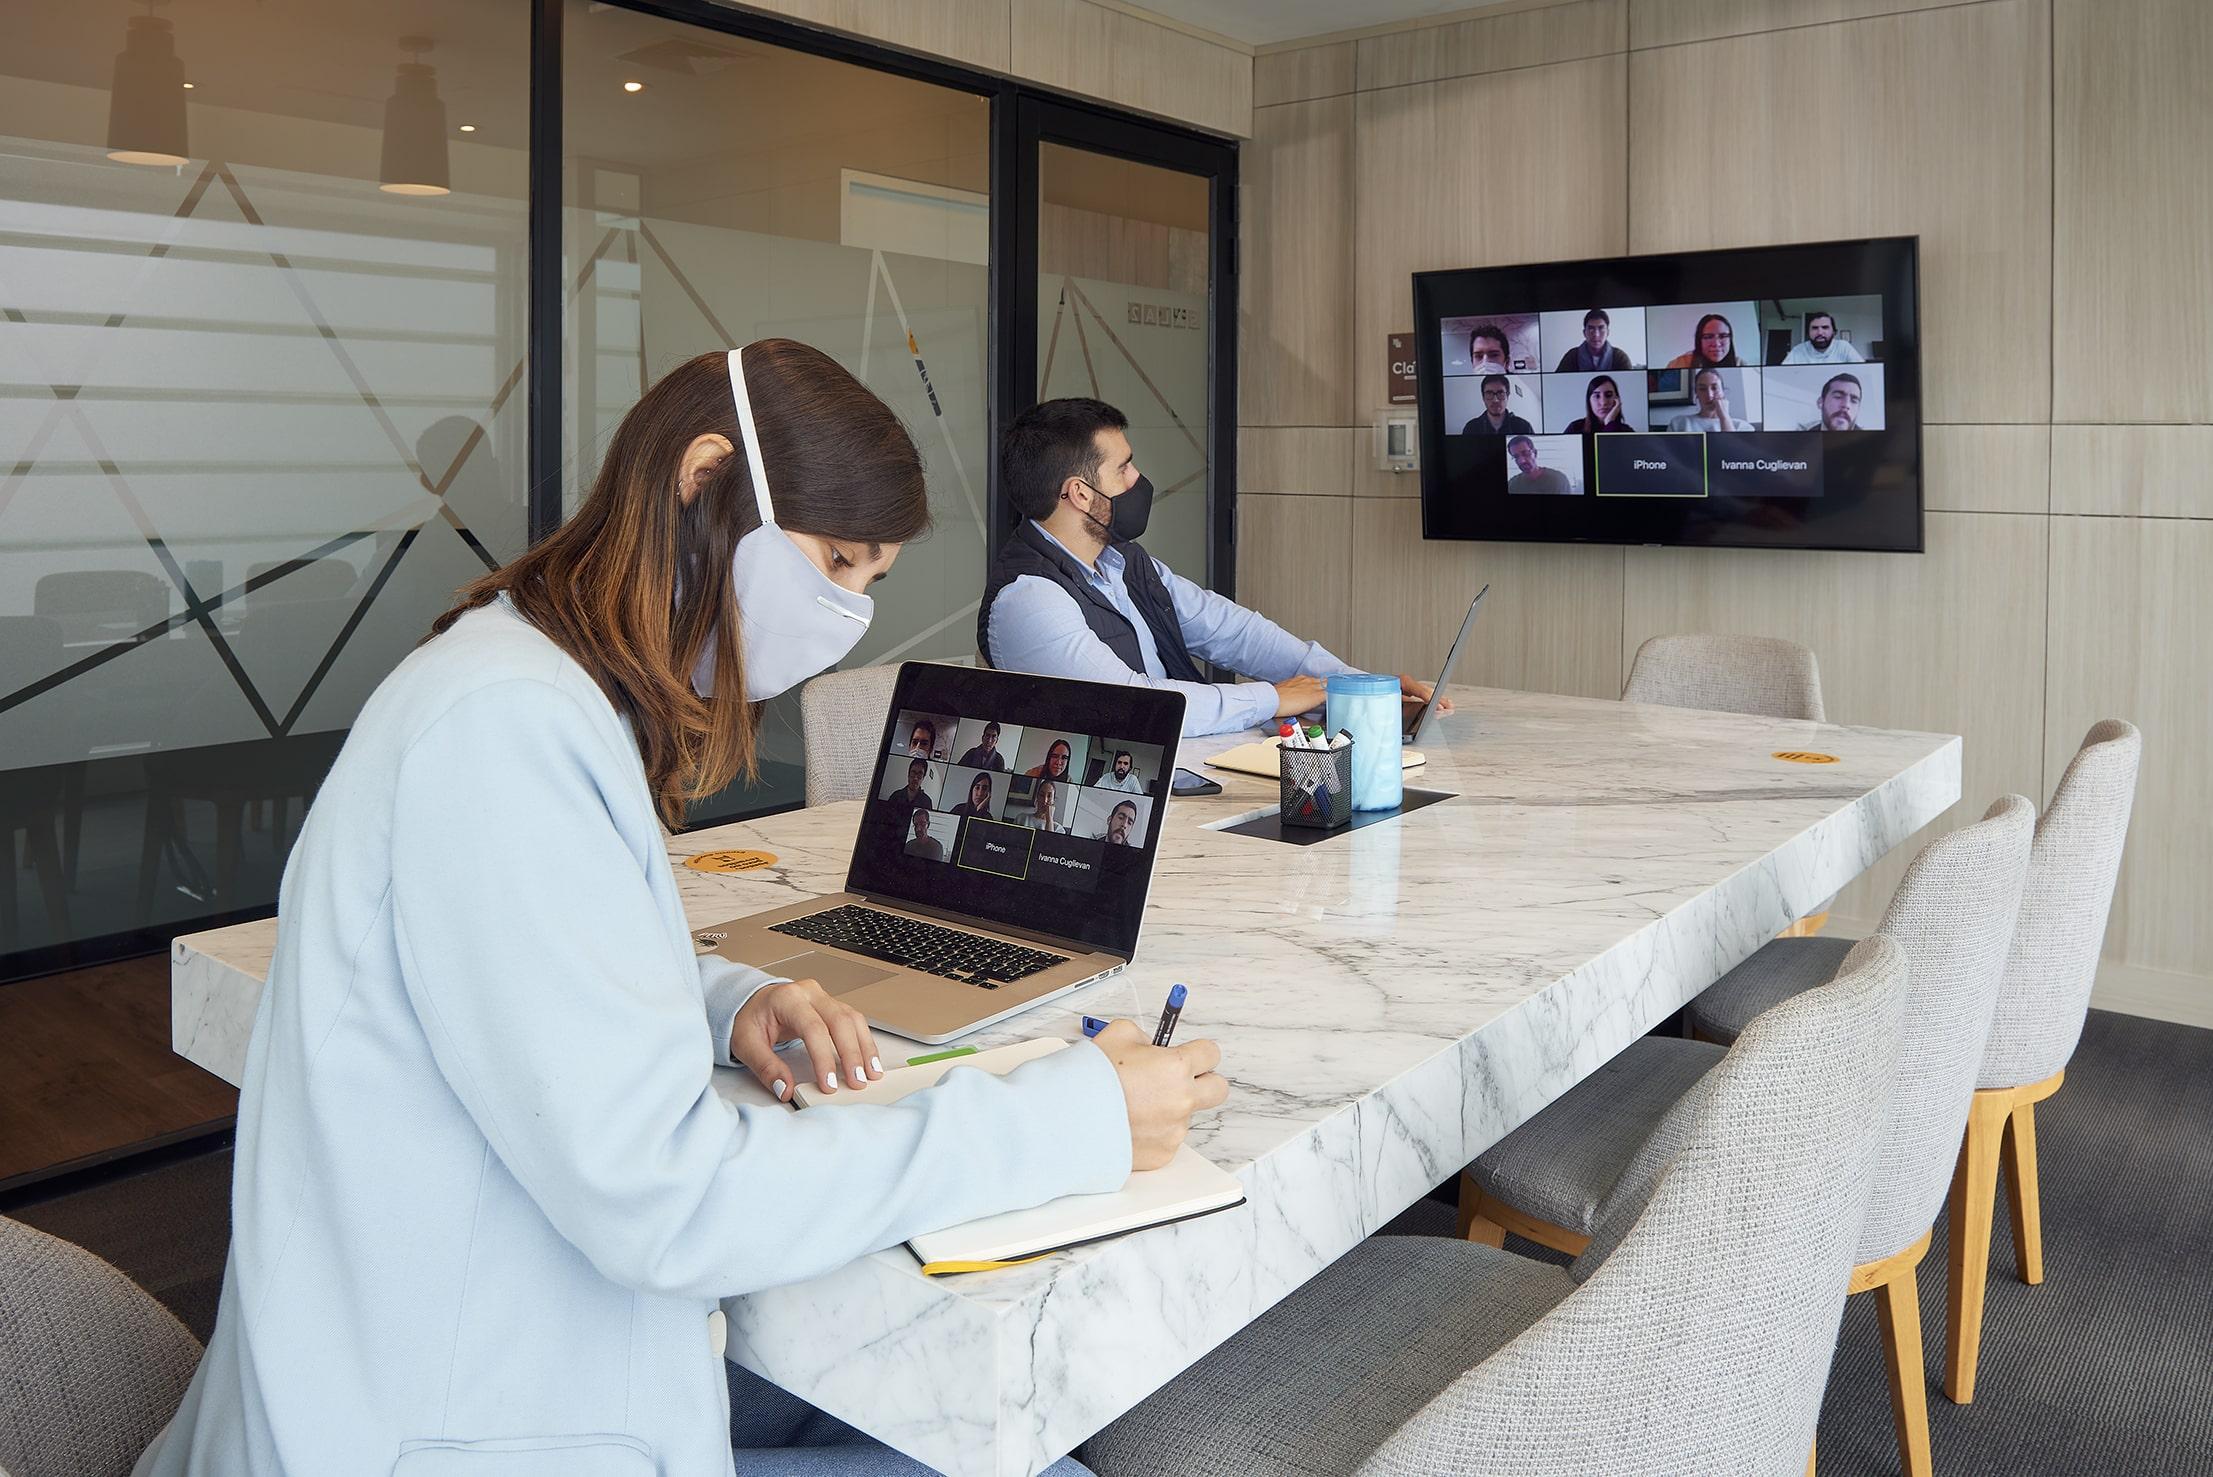 colaboradores realizando una presentacion virtual en una oficinas satelite